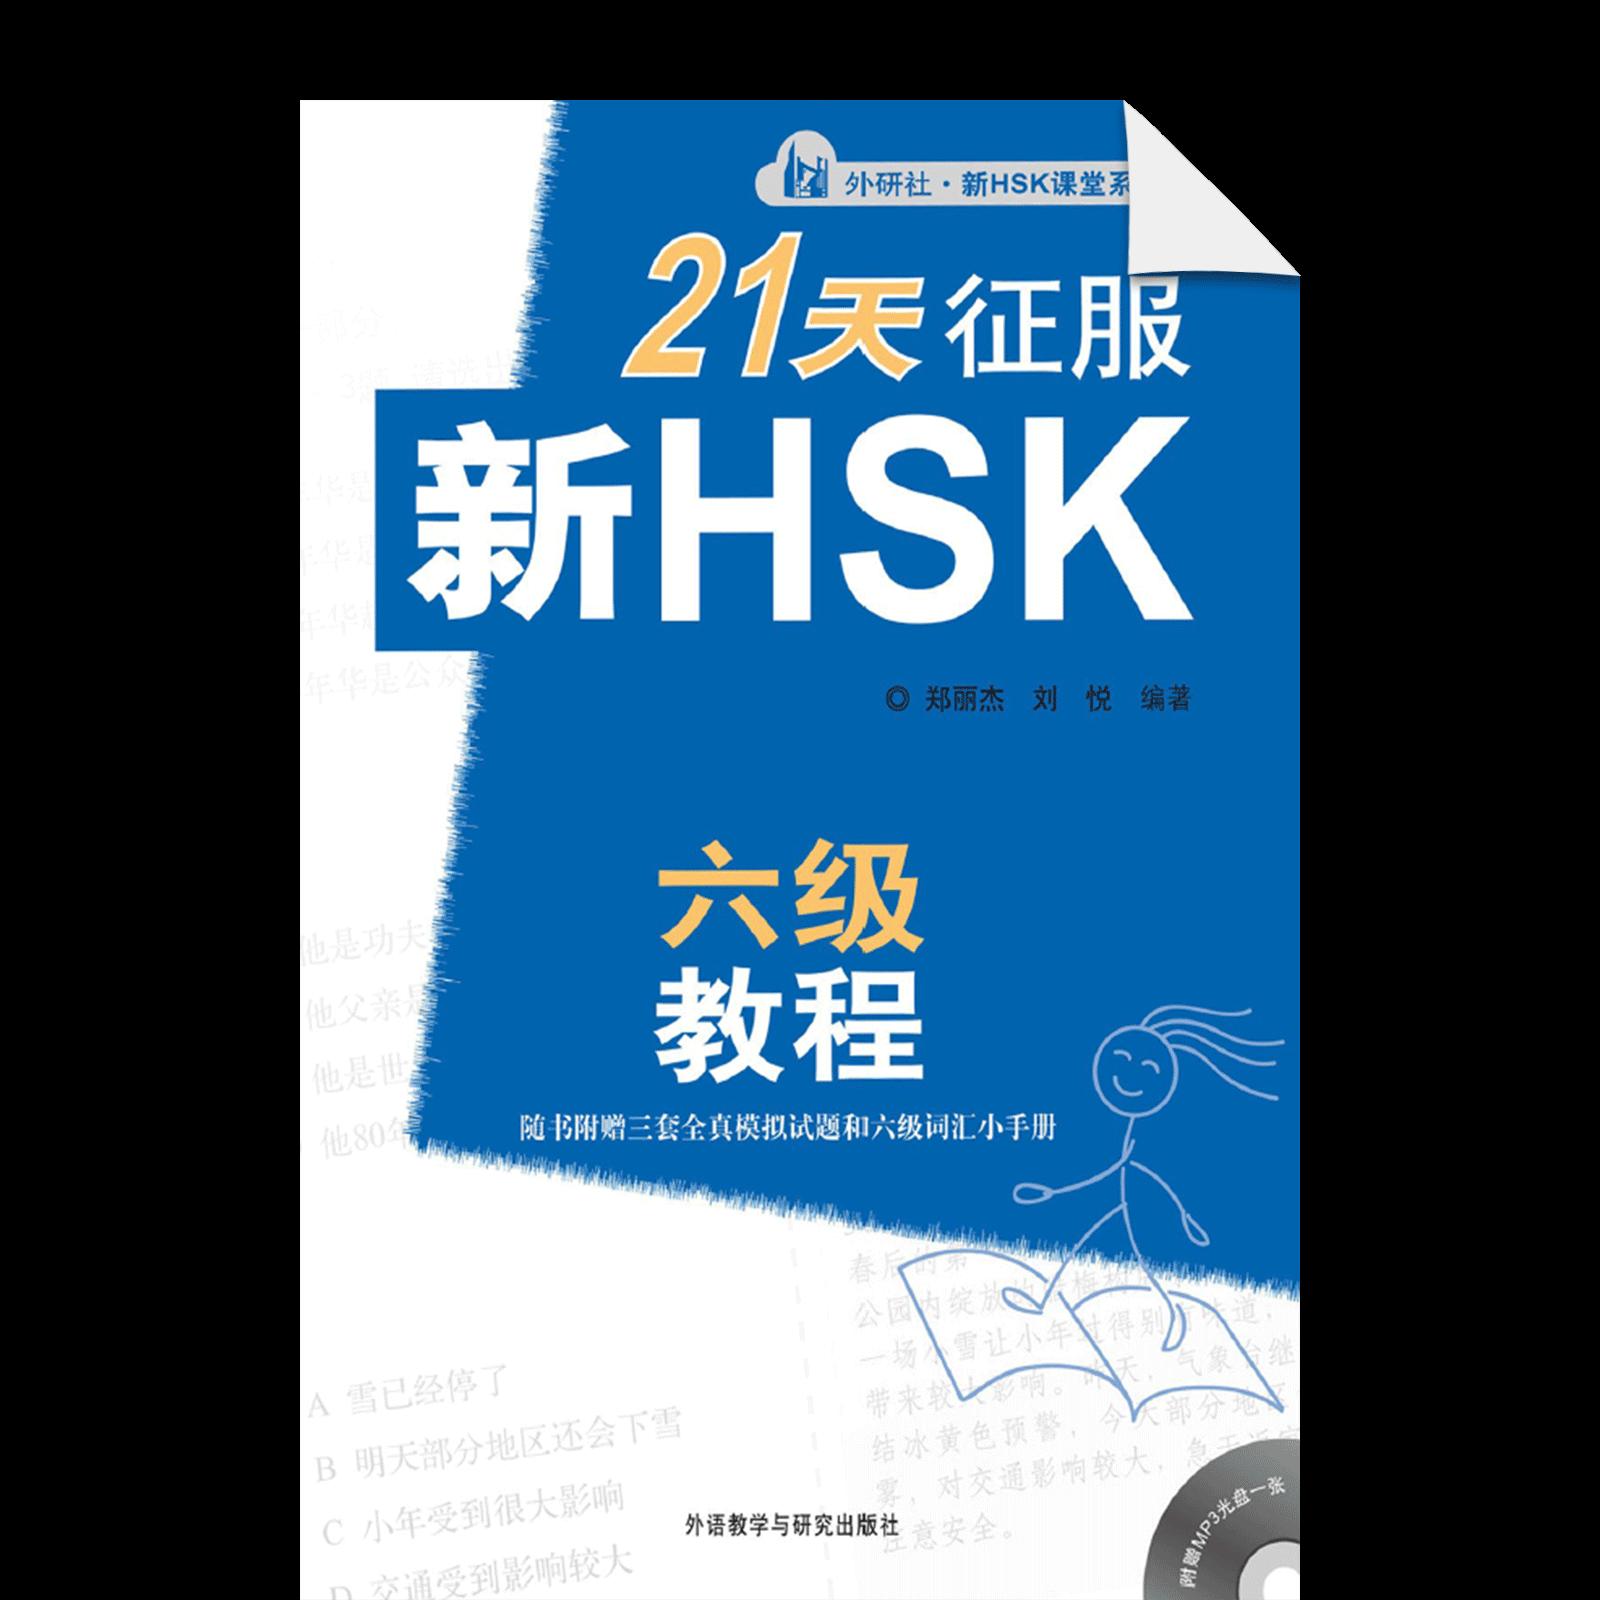 21Tian Zhengfu Xinhsk 6Ji Jiaocheng